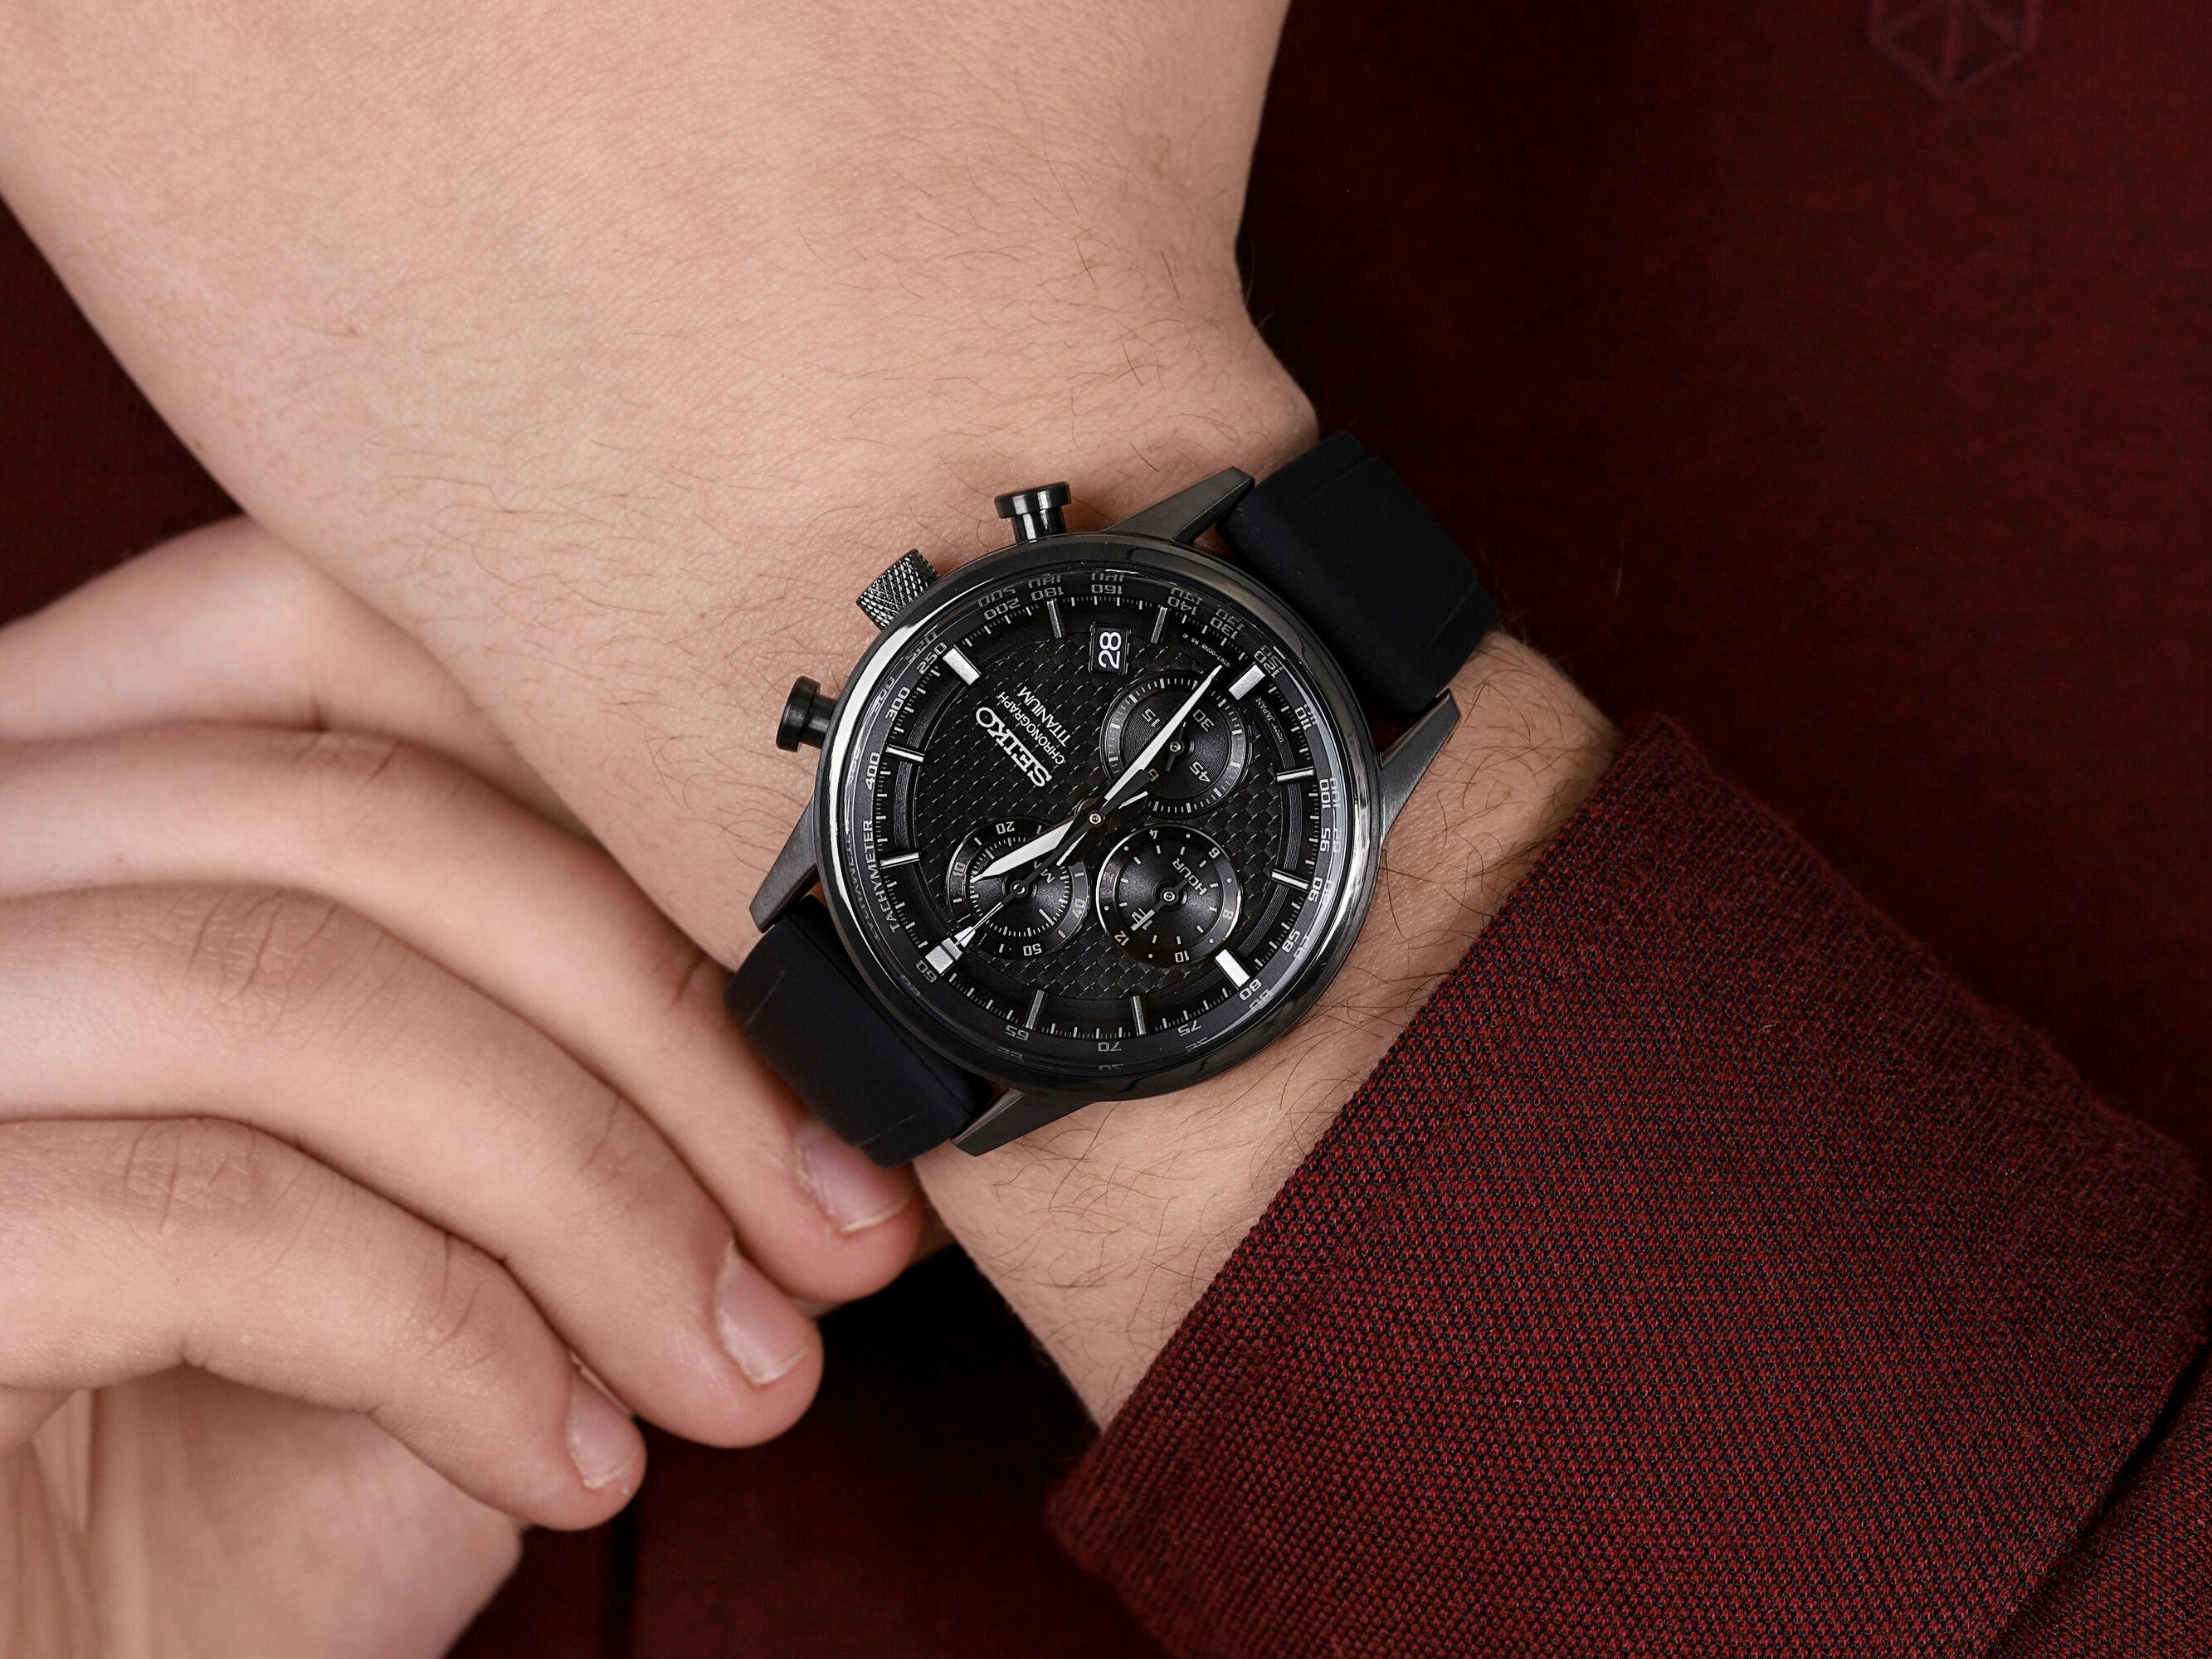 zegarek Seiko SSB393P1 Chronograph Titanium męski z tachometr Chronograph